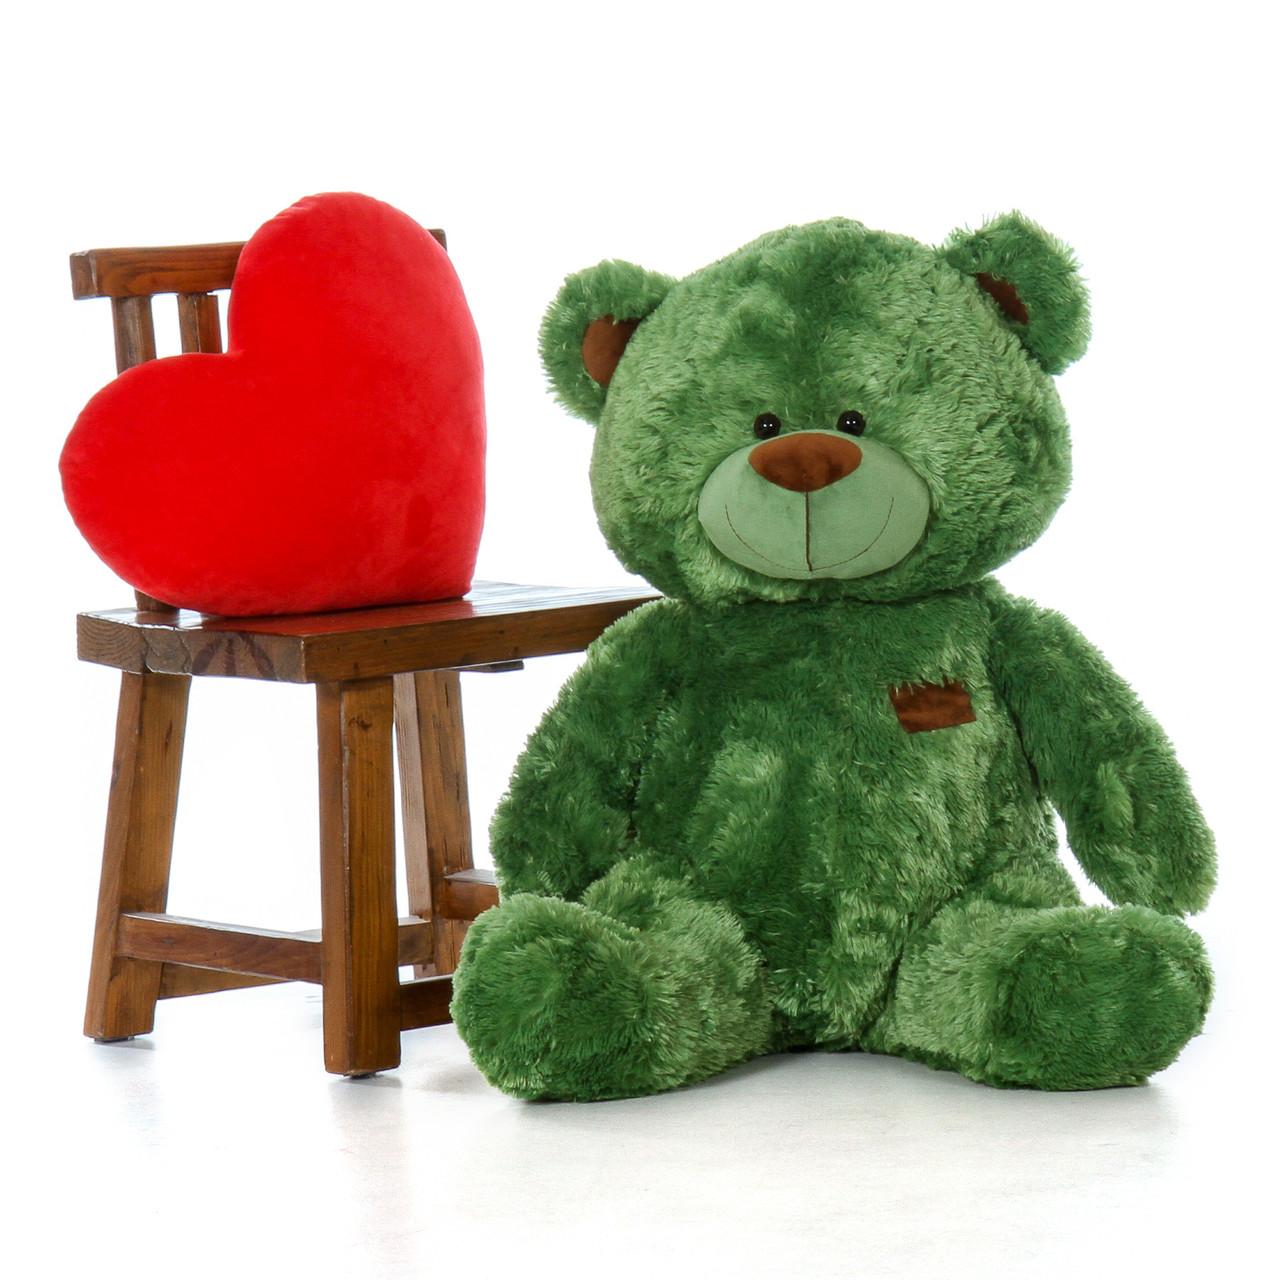 35 Inch Green Sitting Position Big Teddy Bear